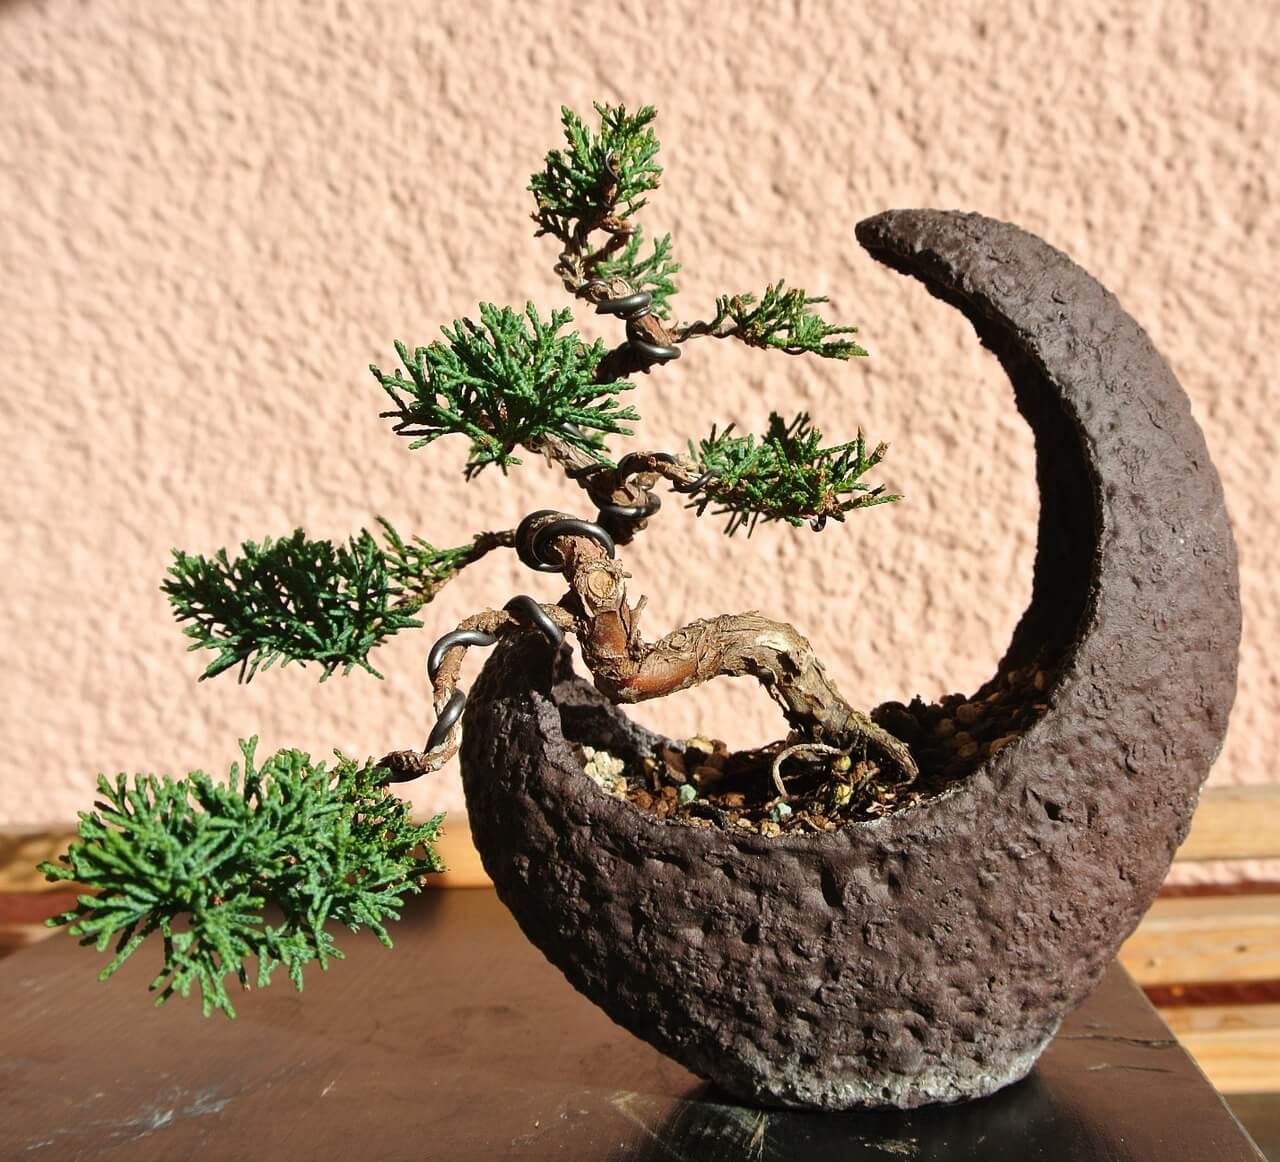 鉢の上の小宇宙?! 世界一高価な盆栽のご紹介